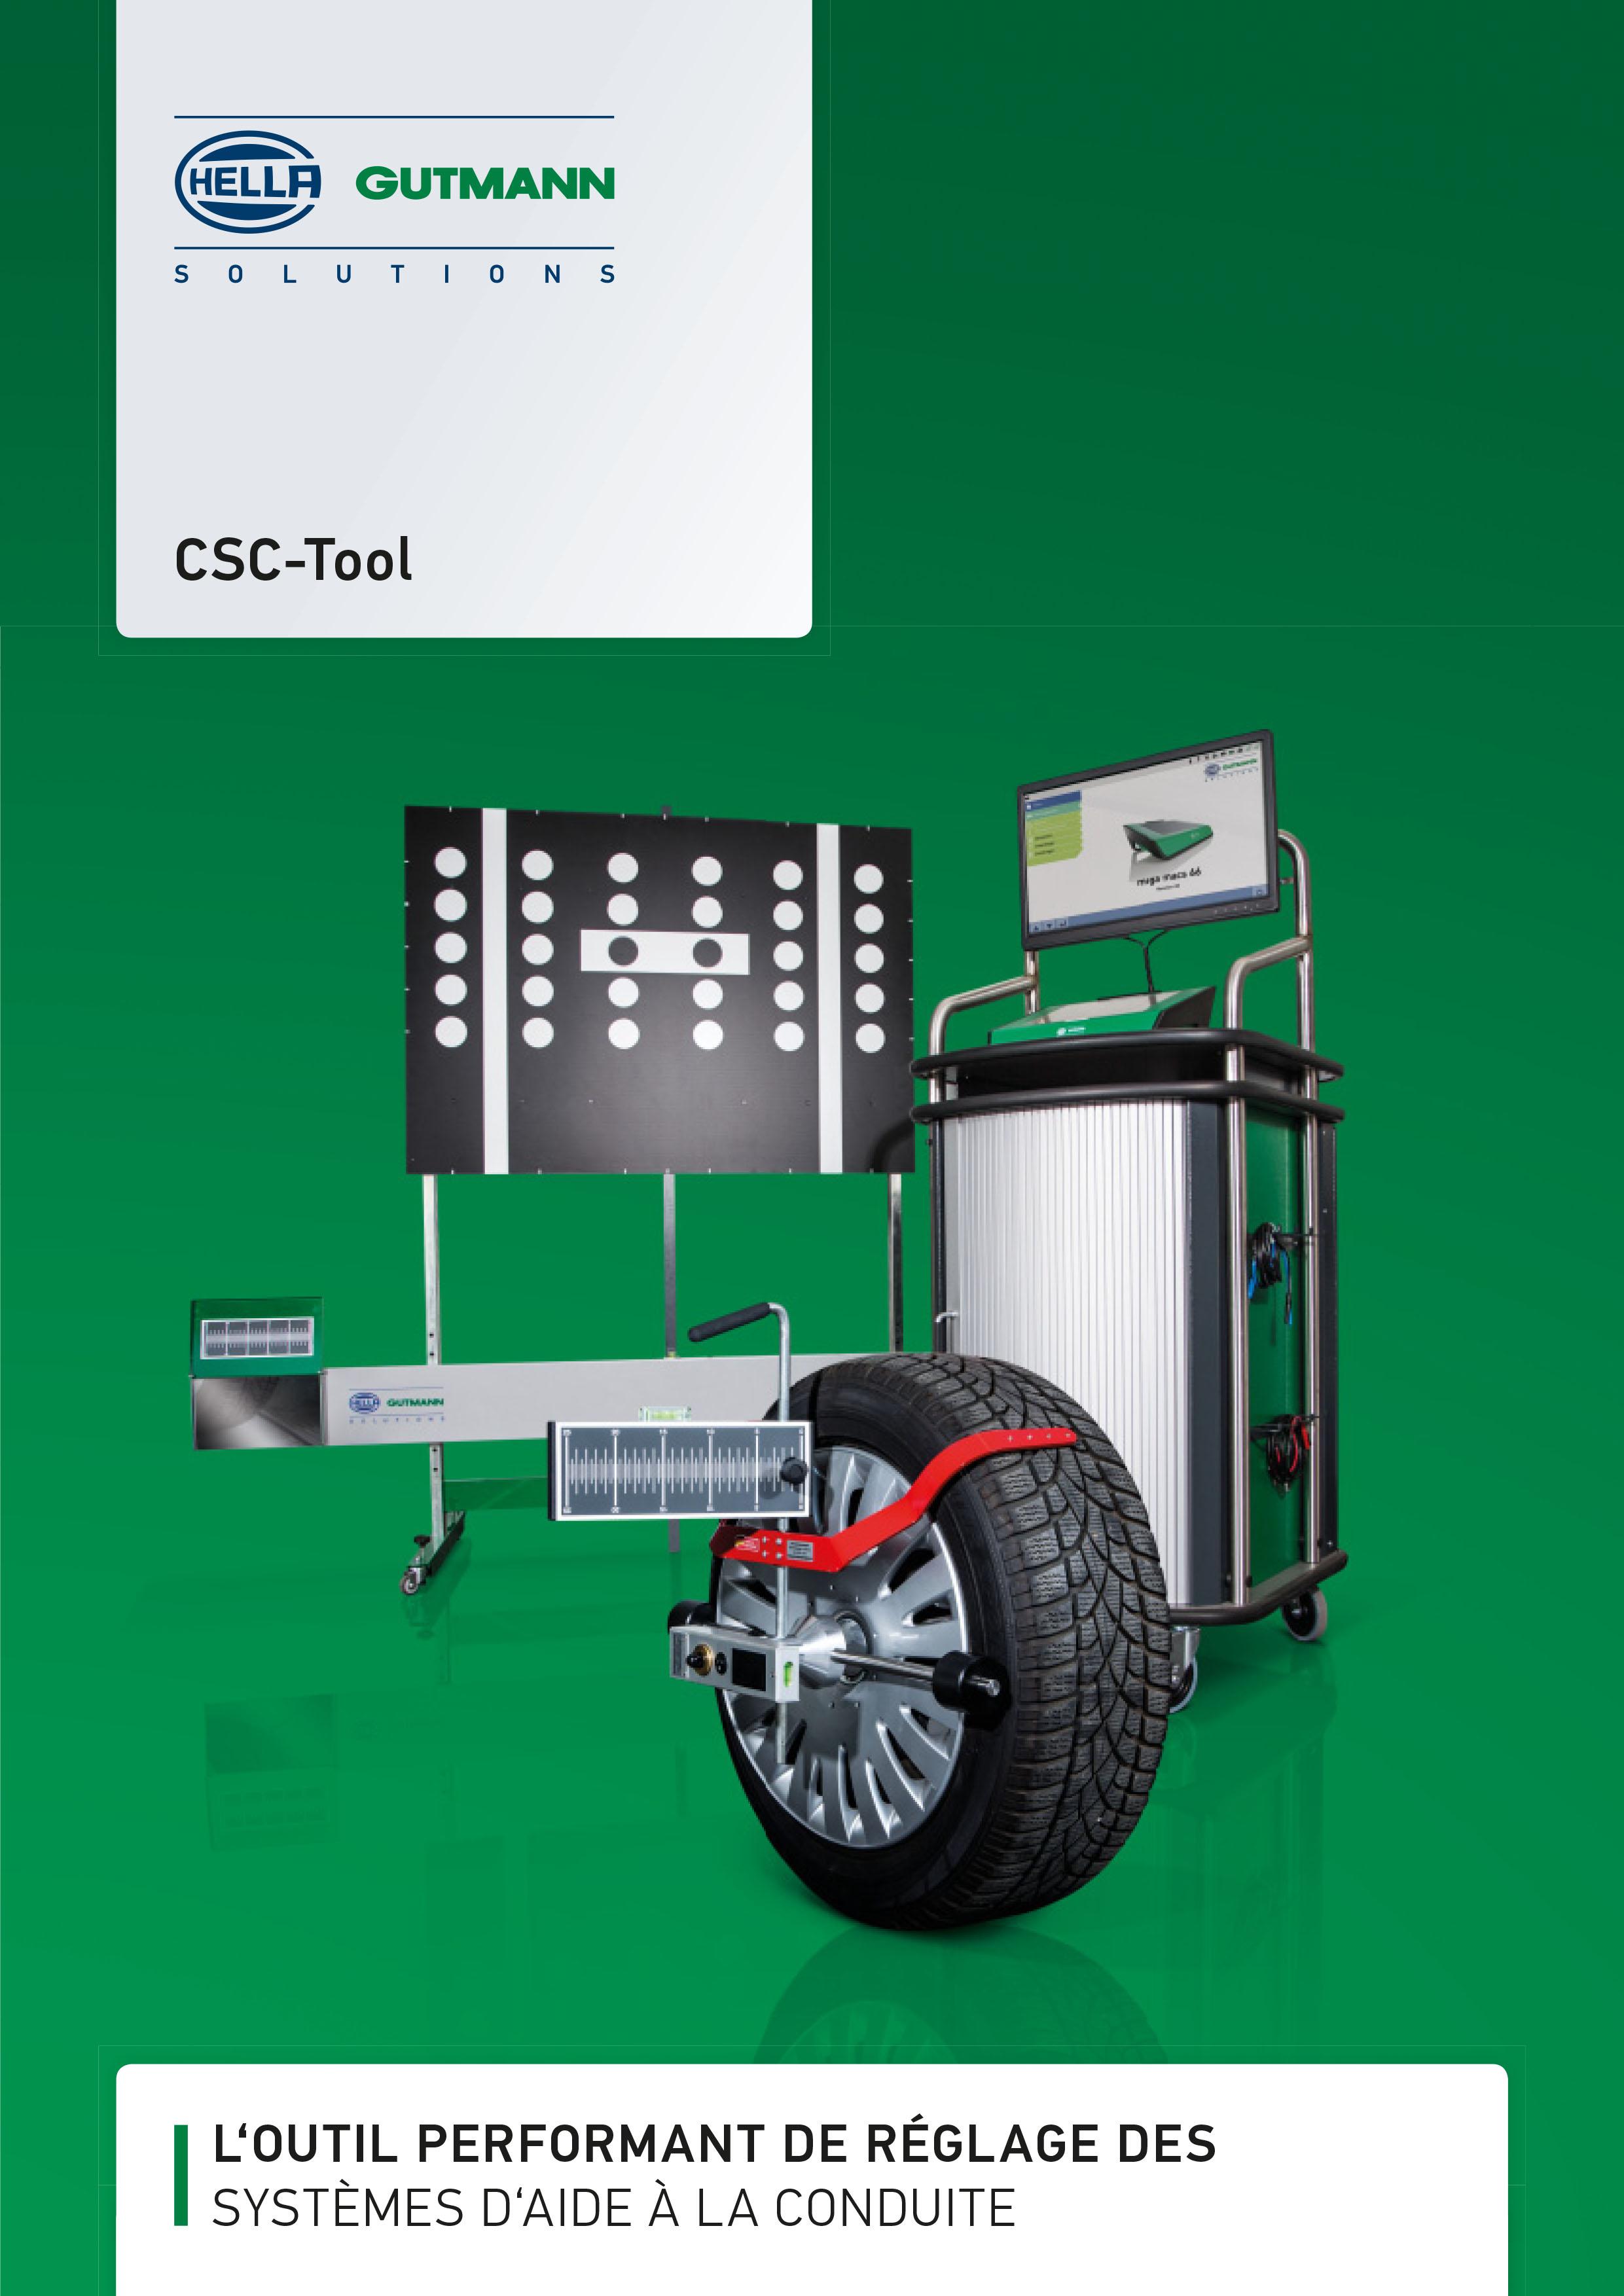 csm_CSC-Tool_flyer_fr_d03991a188.jpg